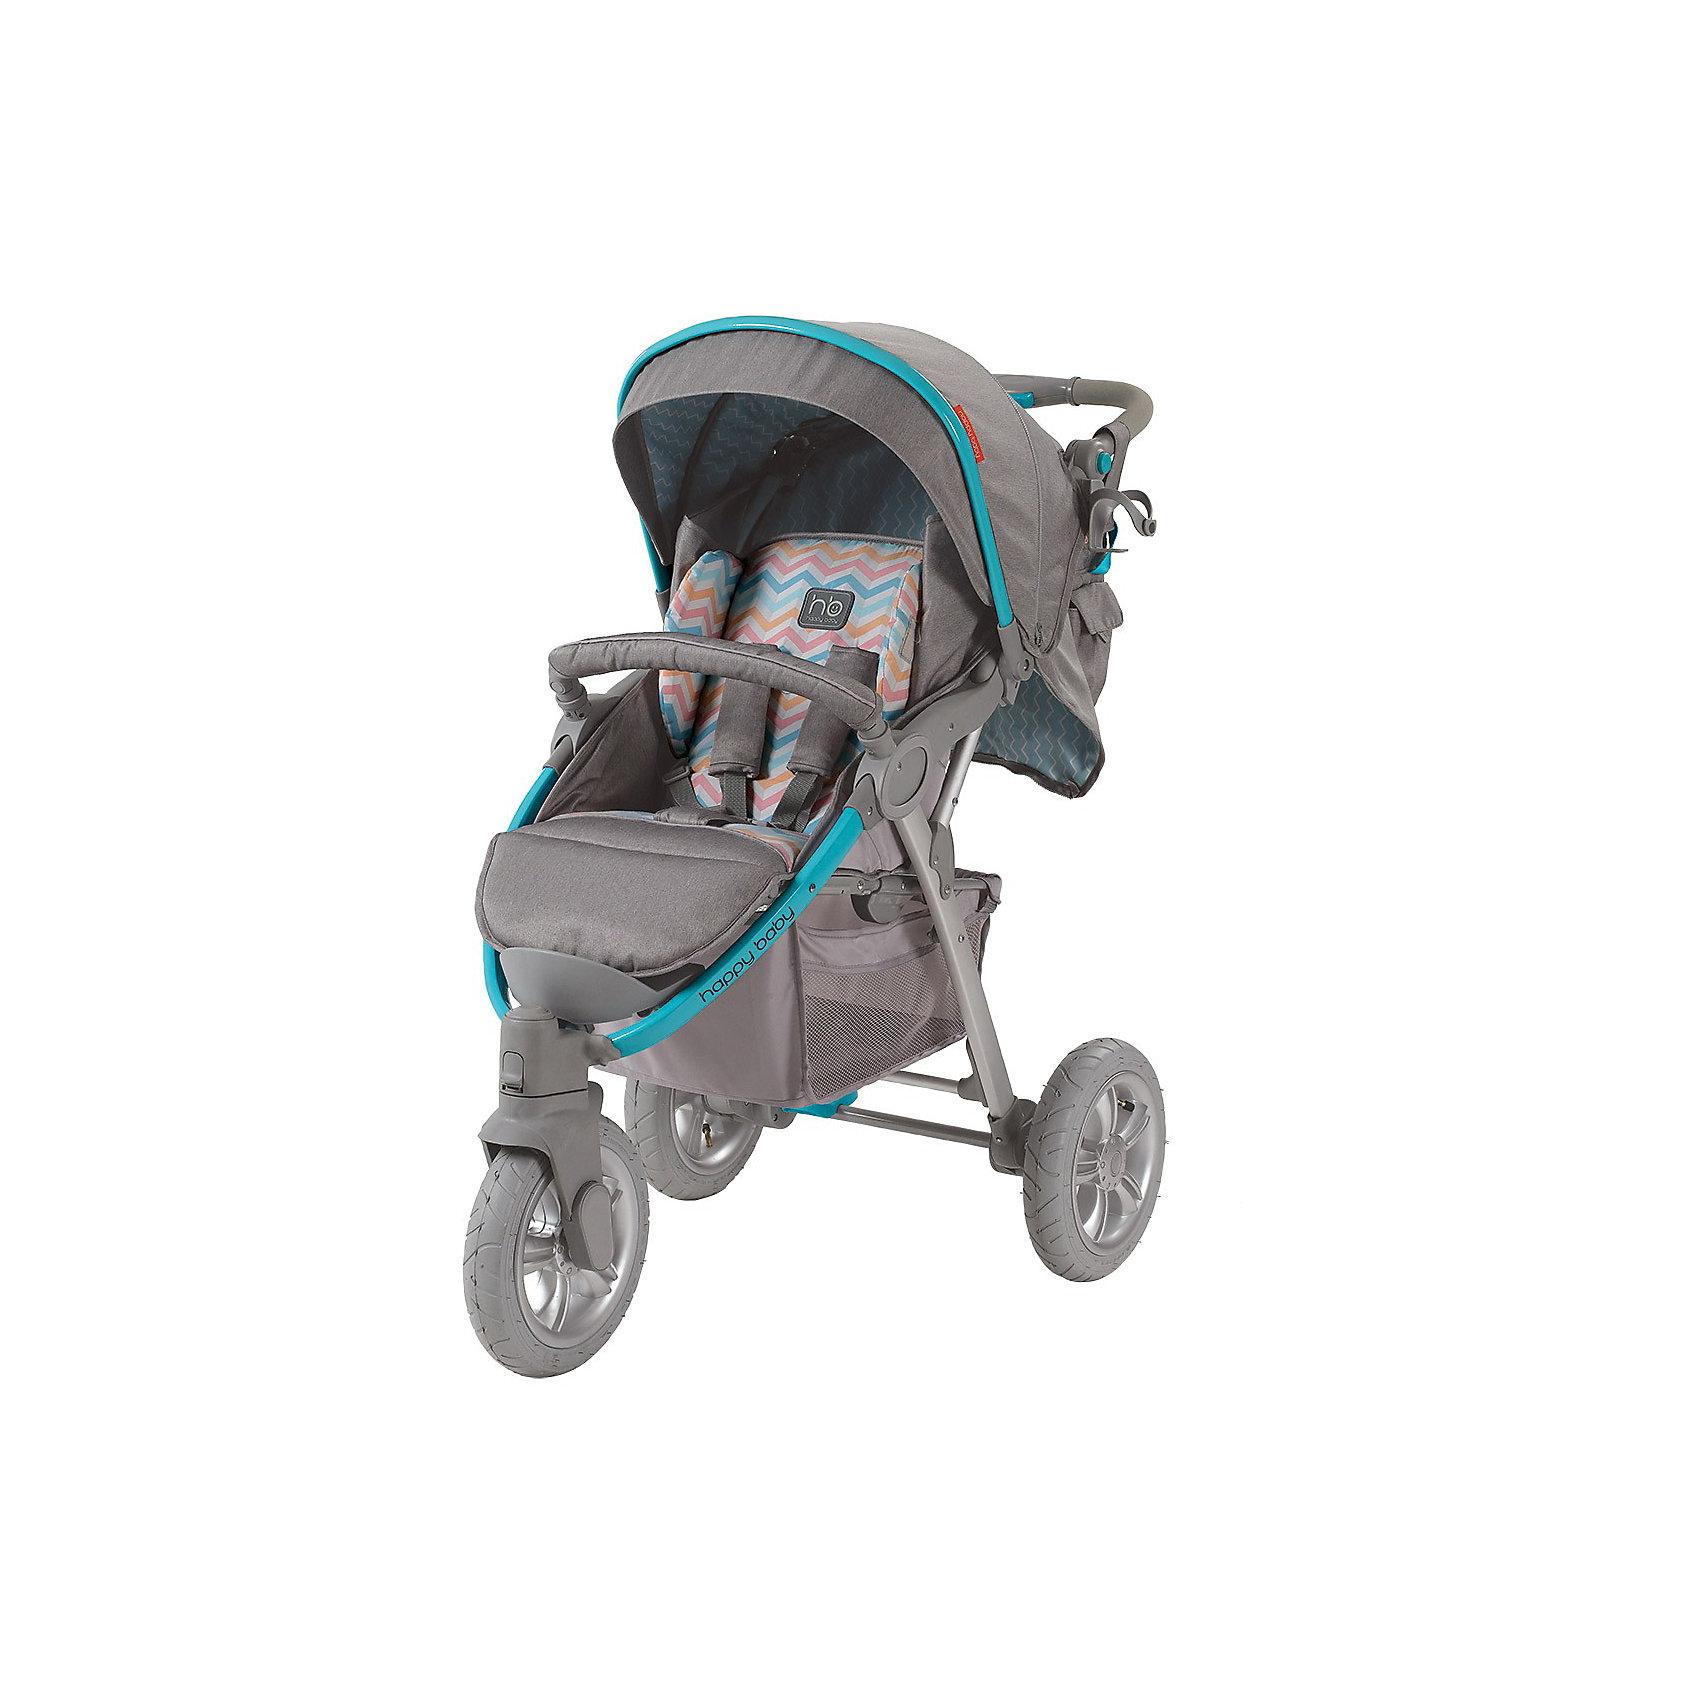 Прогулочная коляска Happy Baby Neon Sport, серый/голубойПрогулочные коляски<br>Стильная всесезонная коляска Neon Sport отличается высокой проходимостью. Хорошая амортизация и маневренность позволит передвигаться, не нарушая сон ребёнка. Овальное сечение алюминиевой рамы обеспечивает  легкость и прочность. Матрасик из мягкой дышащей ткани, пятиточечные ремни безопасности с накладками и съемный бампер - гарантируют комфорт и безопасность ребёнку. Объёмный капюшон со смотровым окошком фиксируется в трёх положениях и опускается до бампера. Подставка для бутылочек на уровне рук взрослого облегчит процесс кормления. Переднее колесо поворотное с возможностью фиксации, что позволяет<br>маневрировать коляской практически на месте. Тормозное устройство приводится в действие одним движением. Регулируемая по высоте ручка, стильная сумка и вместительная корзина для покупок делают коляску не только удобной, но и практичной. Идеальный вариант для наших погодных условий и дорог.  <br><br>Дополнительная информация:<br><br>- Комплектность: коляска, дождевик, москитная сетка, сумка для мамы, чехол на ножки, корзина для покупок мамы, чехол на ножки, корзина для покупок<br>- Алюминиевая рама с поперечным сечением.<br>- Количество колес: 3 шт.<br>- Тип колес: надувные, переднее поворотное.<br>- Ножной тормоз.<br>- Механизм складывания: книжка.<br>- Регулируемая по высоте ручка.<br>- Регулируемая по высоте спинка ( 3 положения, включая горизонтальное)<br>- Пятиточечные ремни безопасности с мягкими накладками.<br>- Капюшон со смотровым окошком  опускается до бампера)<br>- Складывающийся козырек.<br>- Вместительная корзина для покупок.<br>- Подставка для кружки.<br>- Съёмный бампер перед ребенком.<br>- Цвет: серый, голубой.<br>- Длина спального места: 85 см.<br>- Размер коляски: 102 х 66 х 97 см.<br>- Размер сидения: 34 х 28/45 (с подножкой) см.<br>- Ширина колесной базы: 66 см.<br>- Диаметр колес: переднее - 26 см, задние - 30 см.<br>- Вес коляски: 13 кг<br><br>Прогулочную коляска Neon Spo